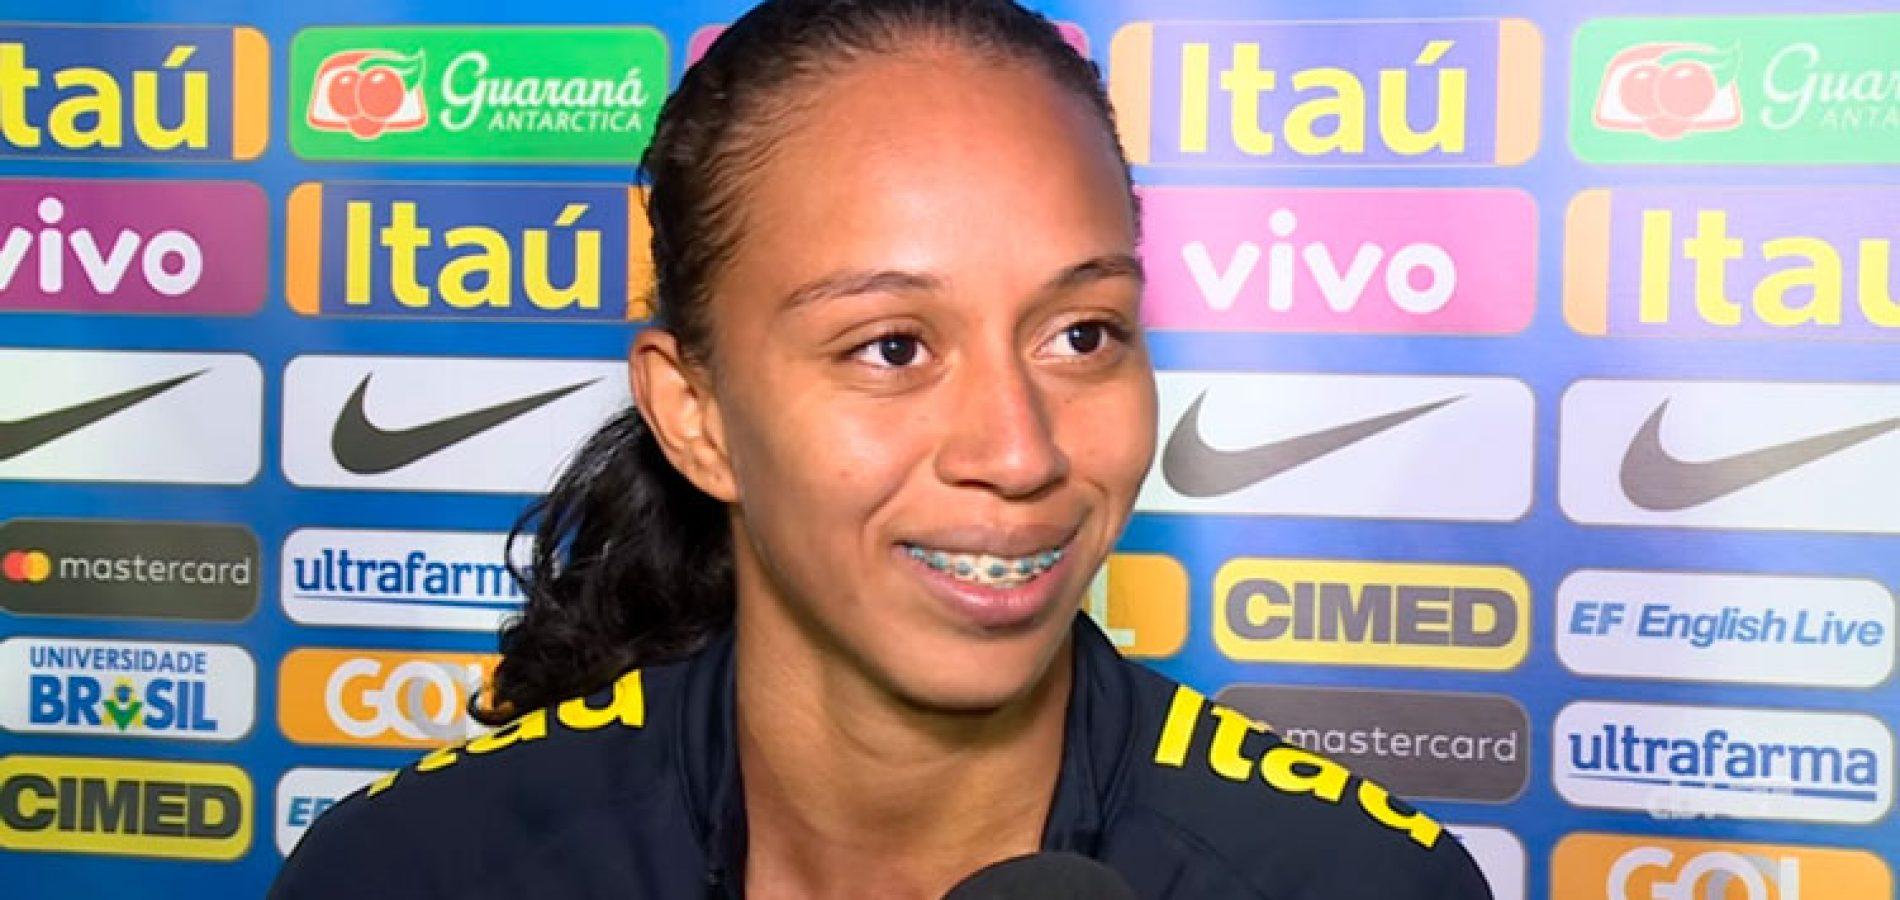 Piauiense volta a ser convocada para a seleção brasileira de futebol